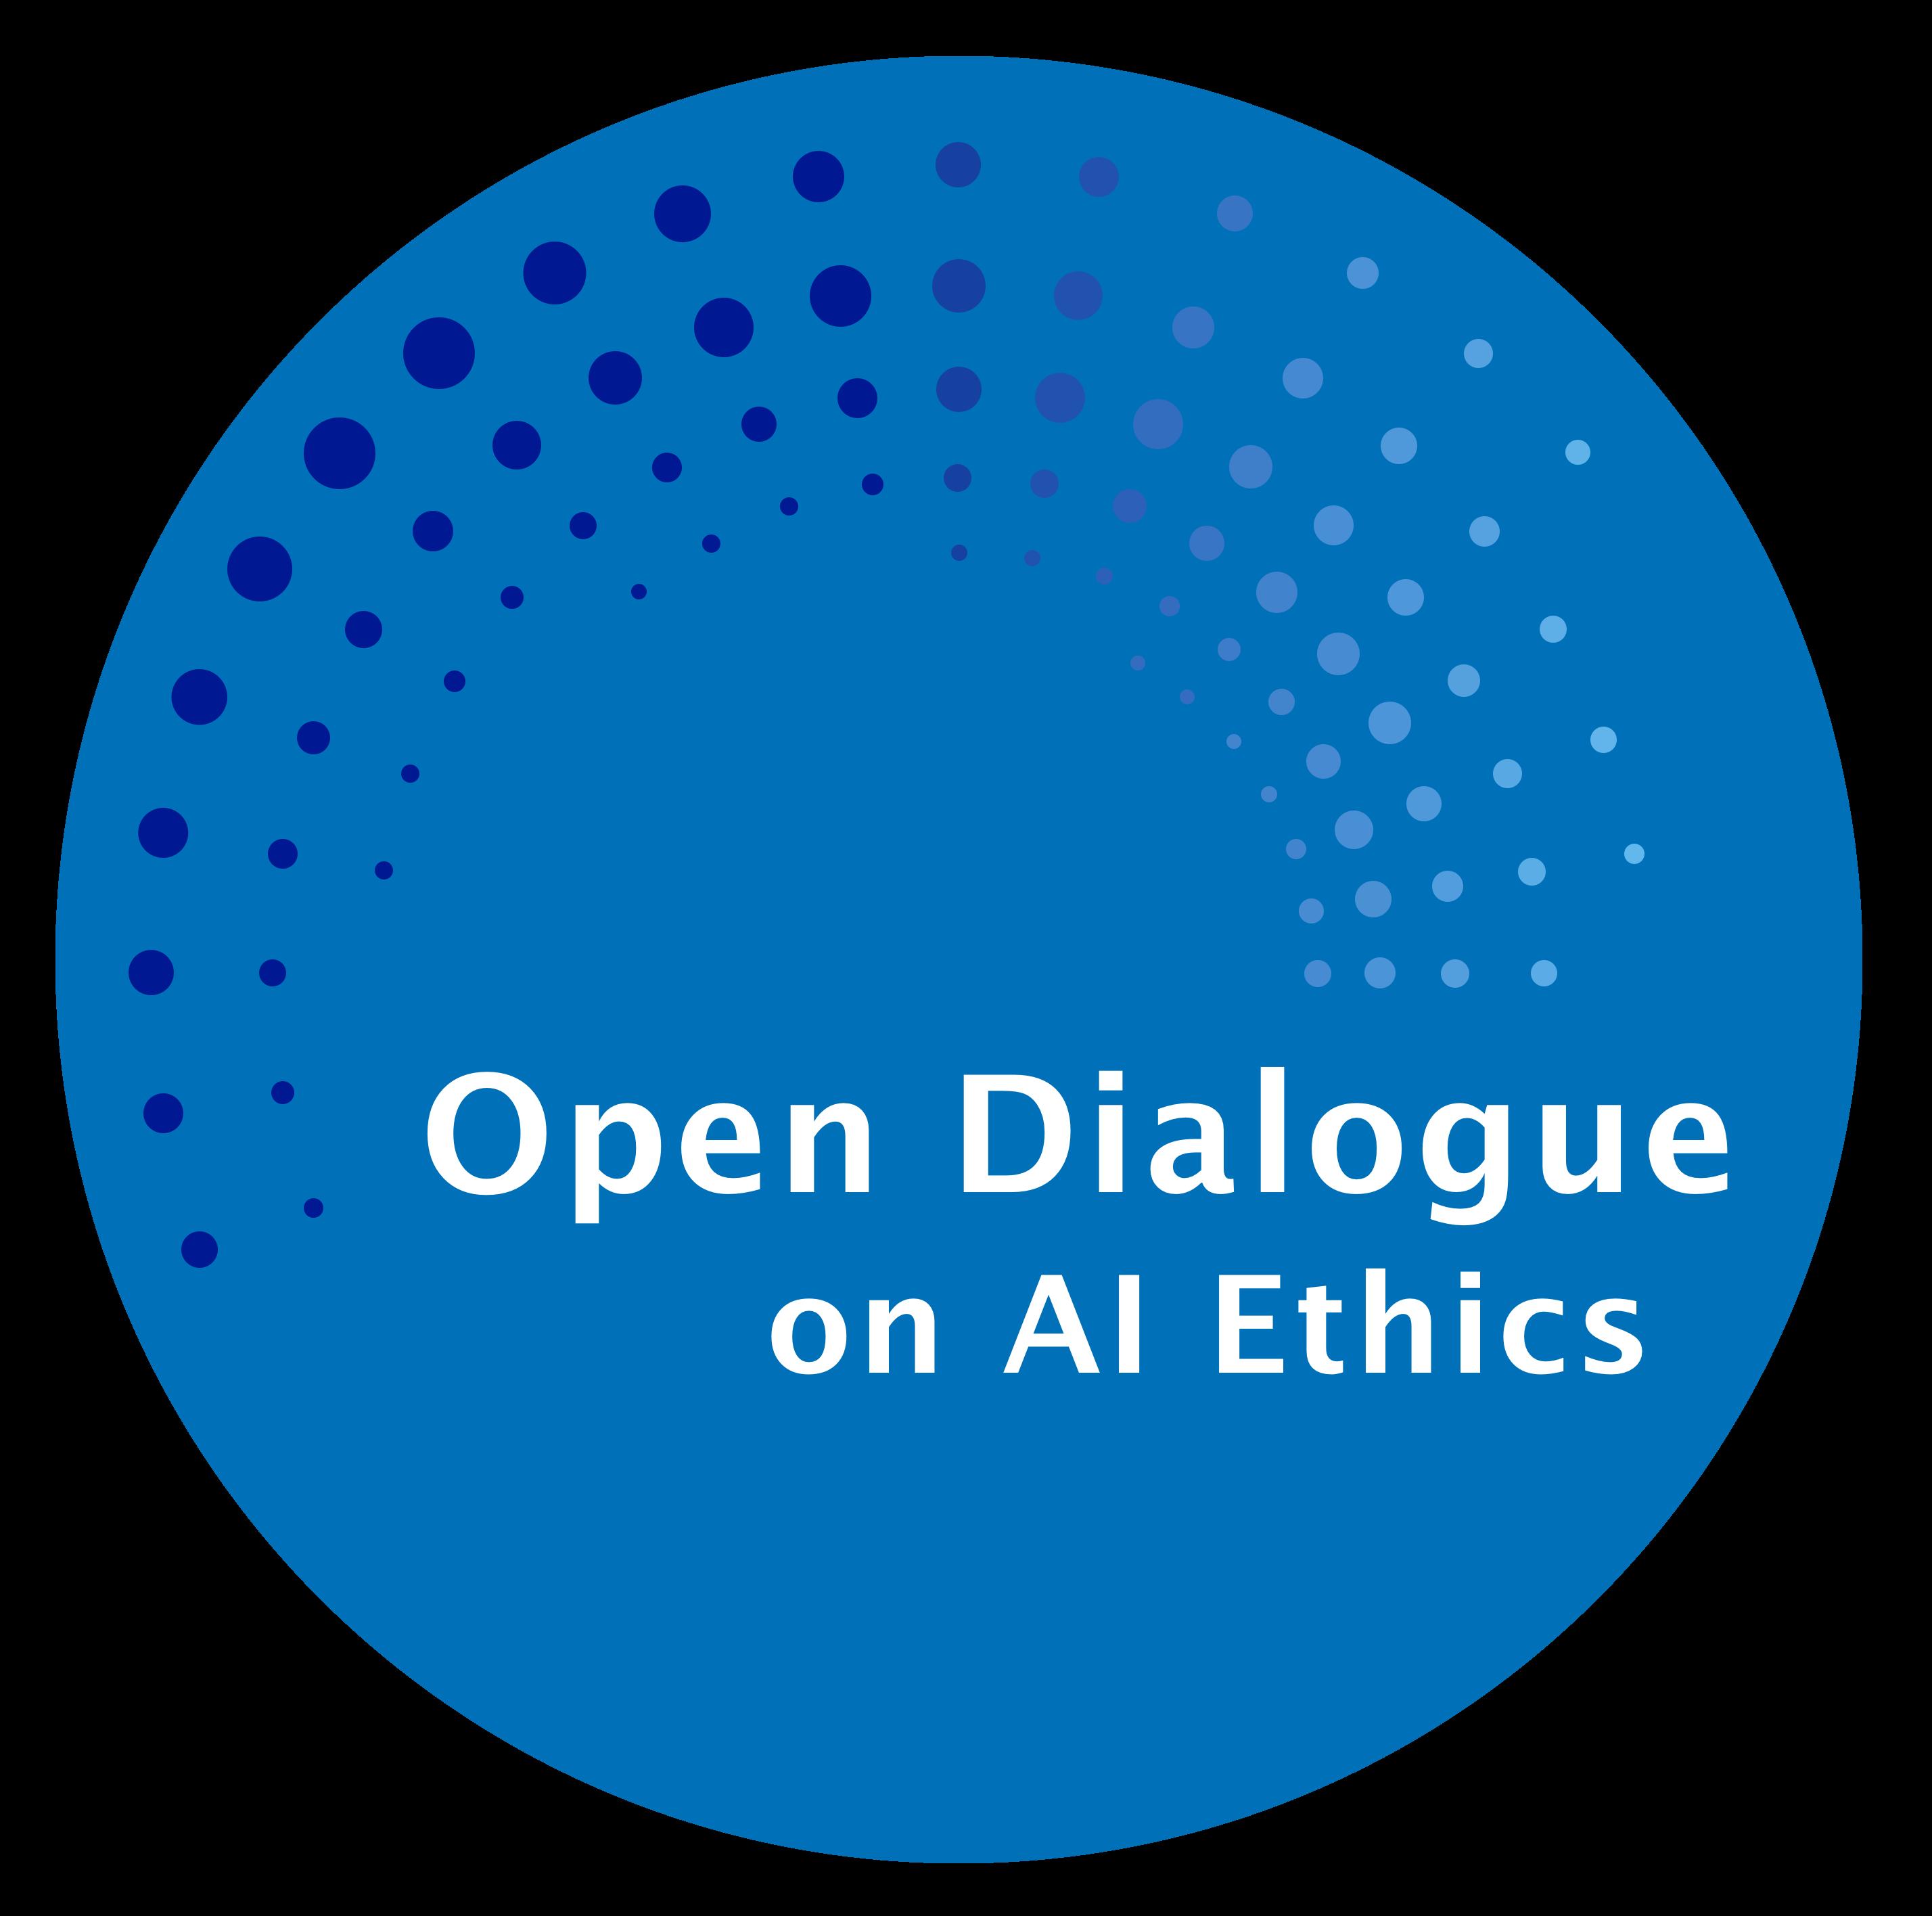 Dialogue inclusif sur l'éthique de l'IA